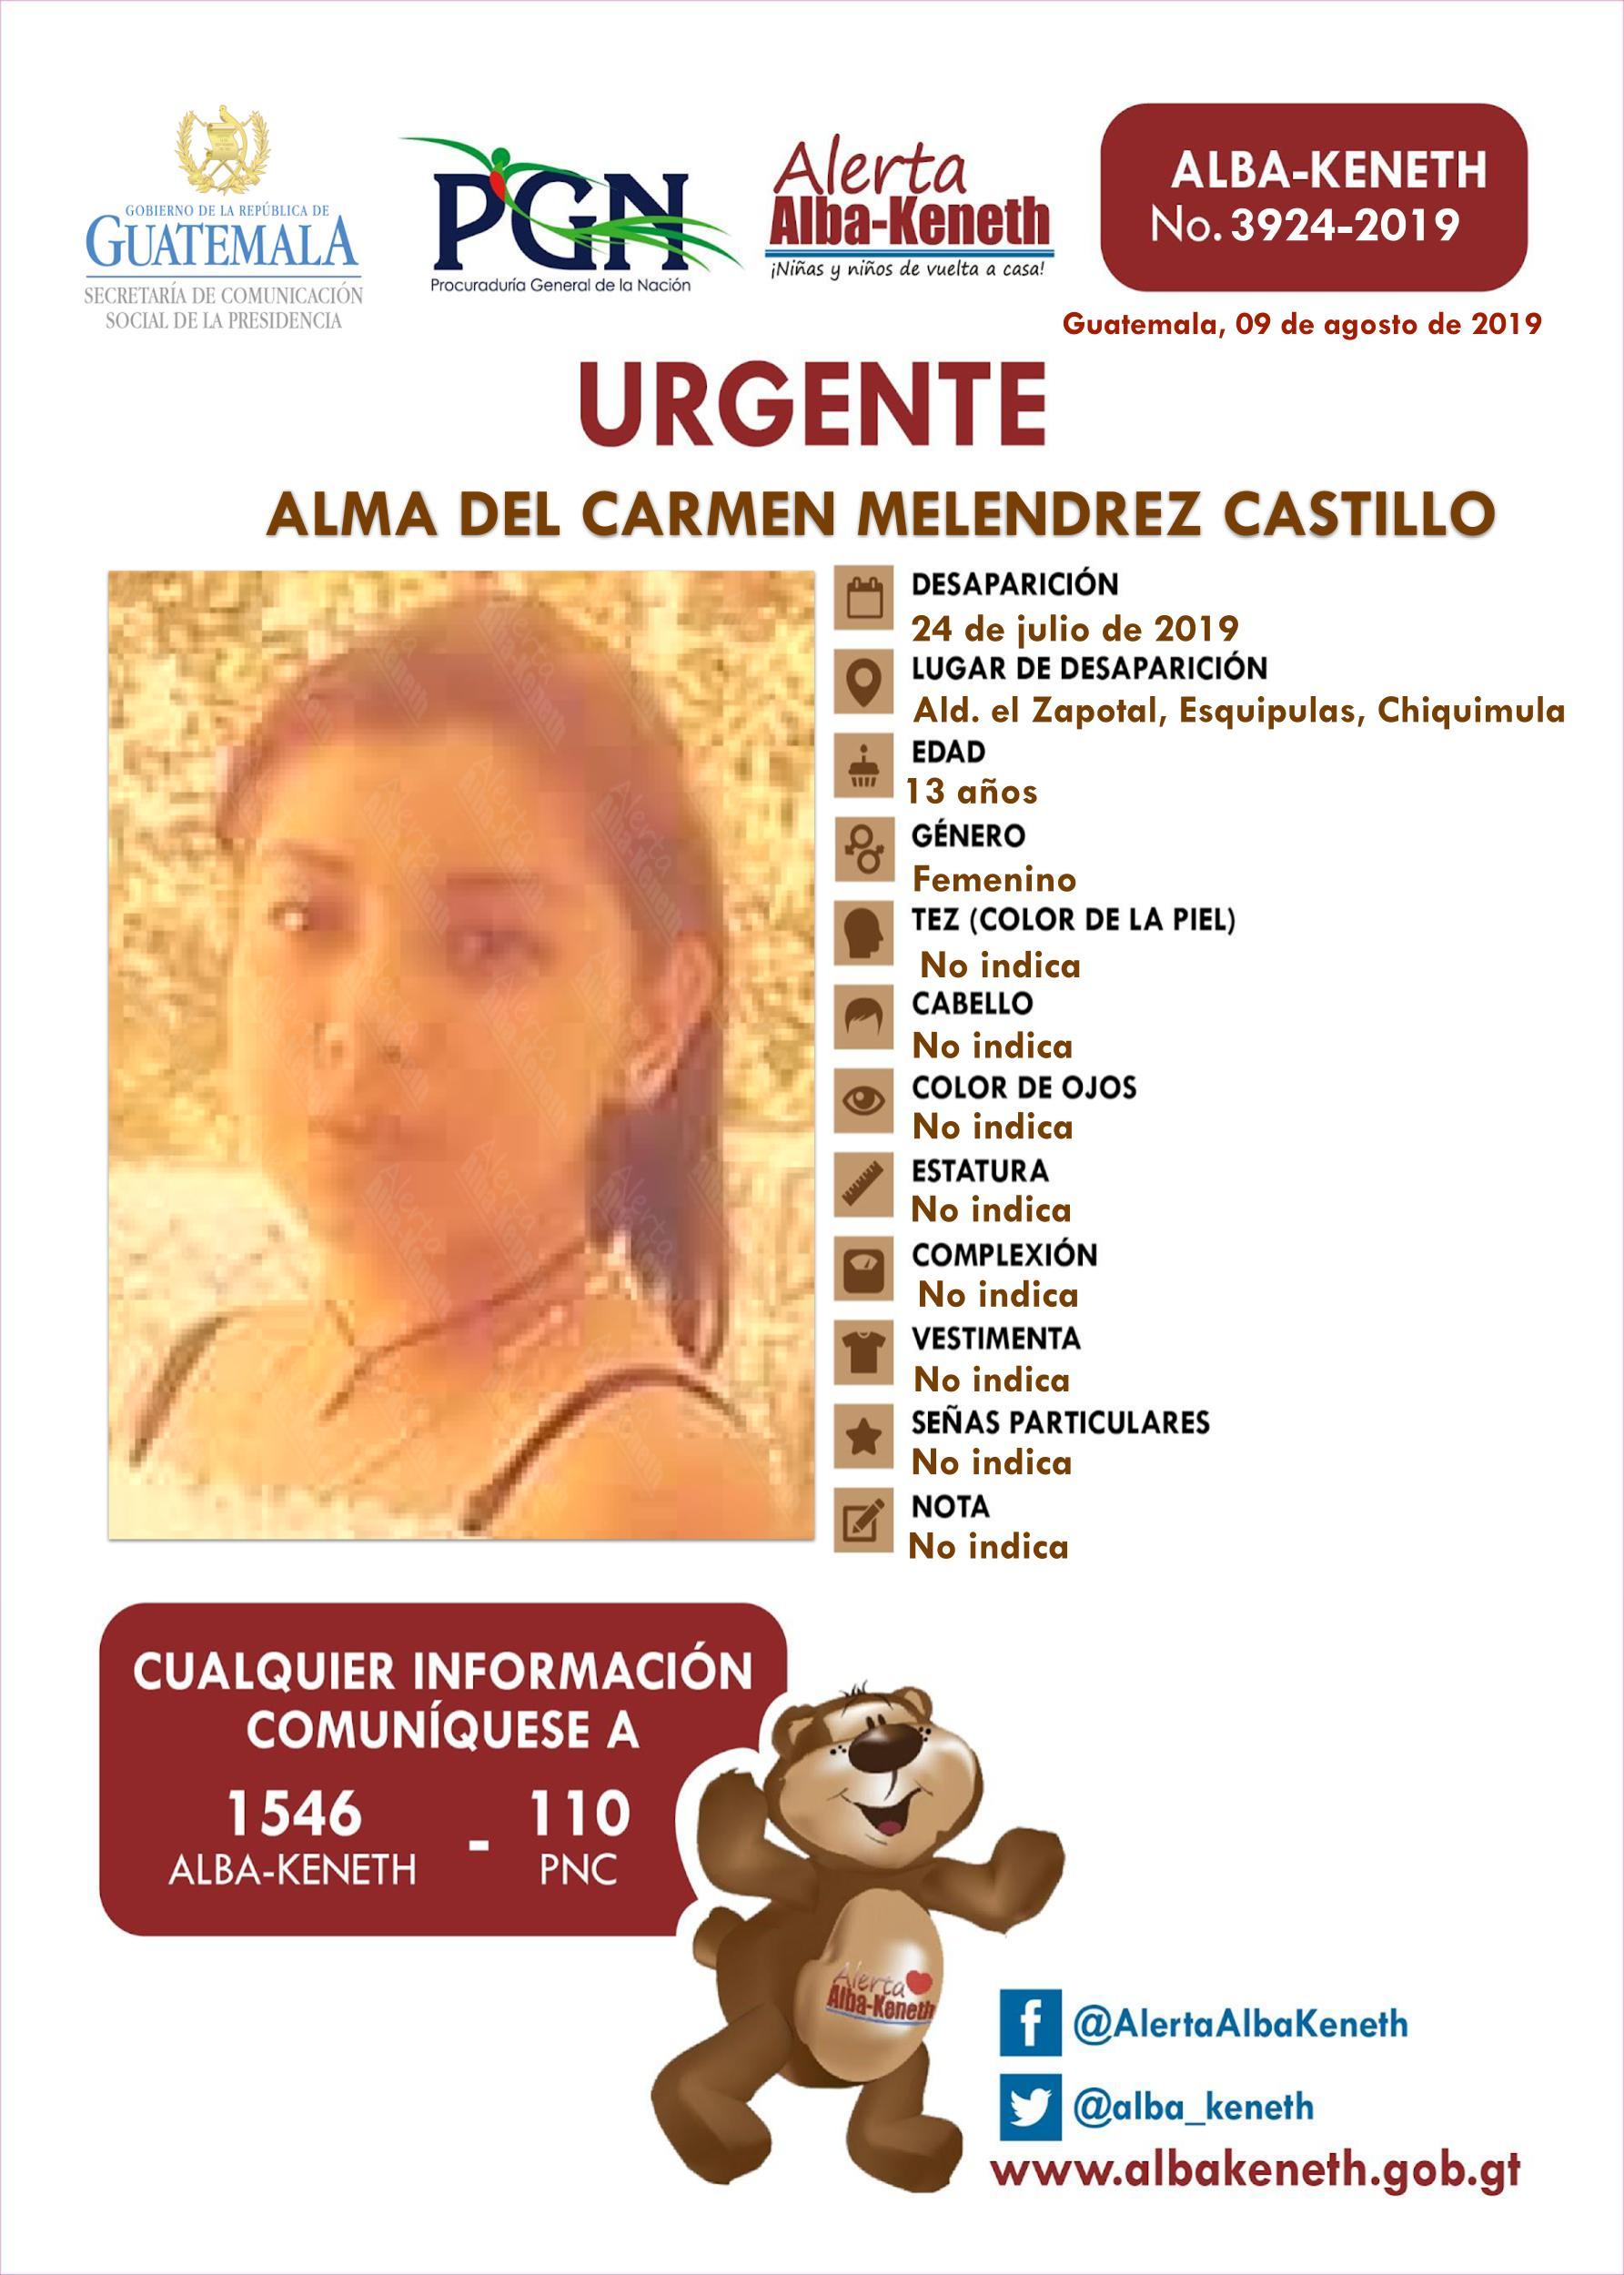 Alma del Carmen Melendrez Castillo